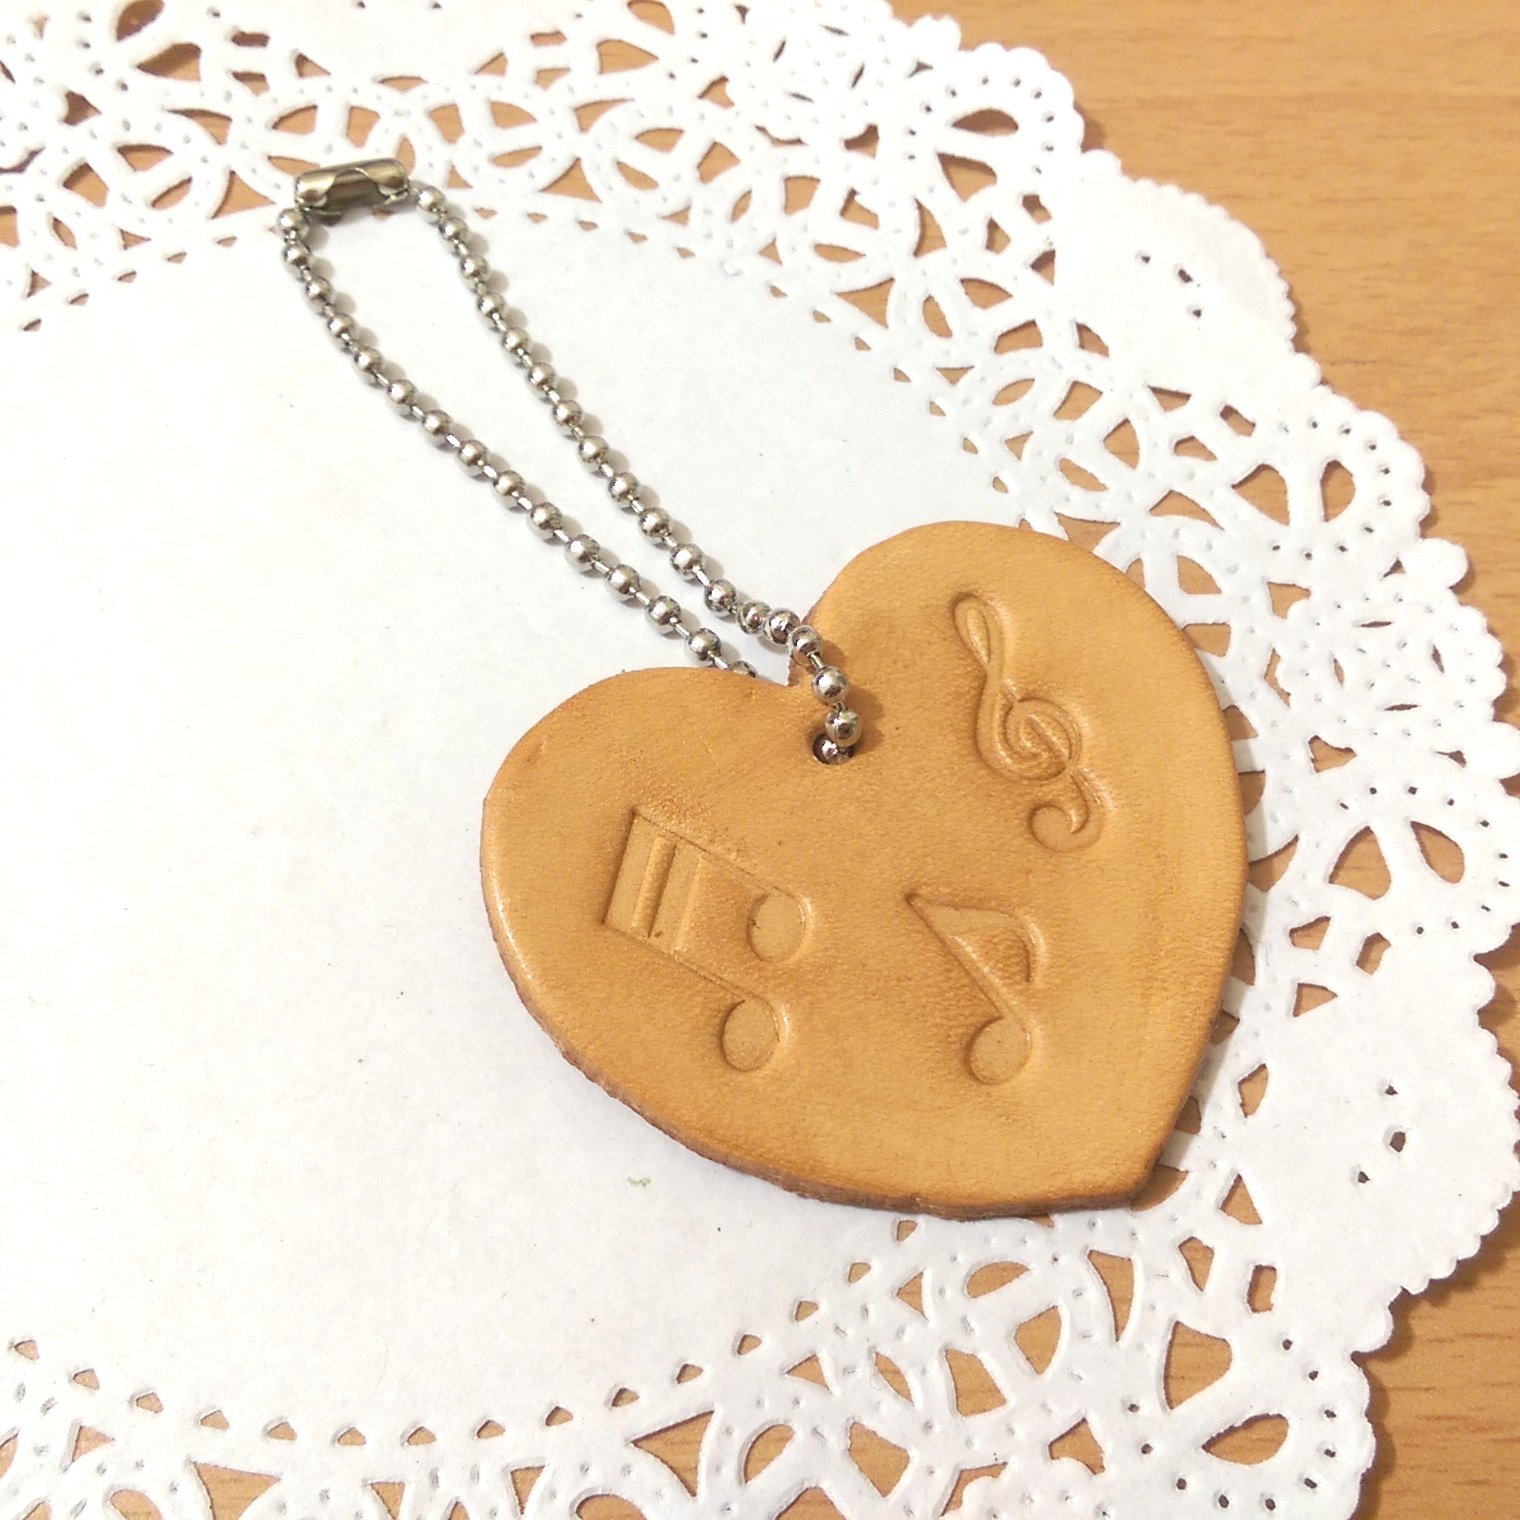 【愛心真皮皮革音符鑰匙圈】音樂 樂器 音符 皮革 手創 客製化 訂做《米思熊》